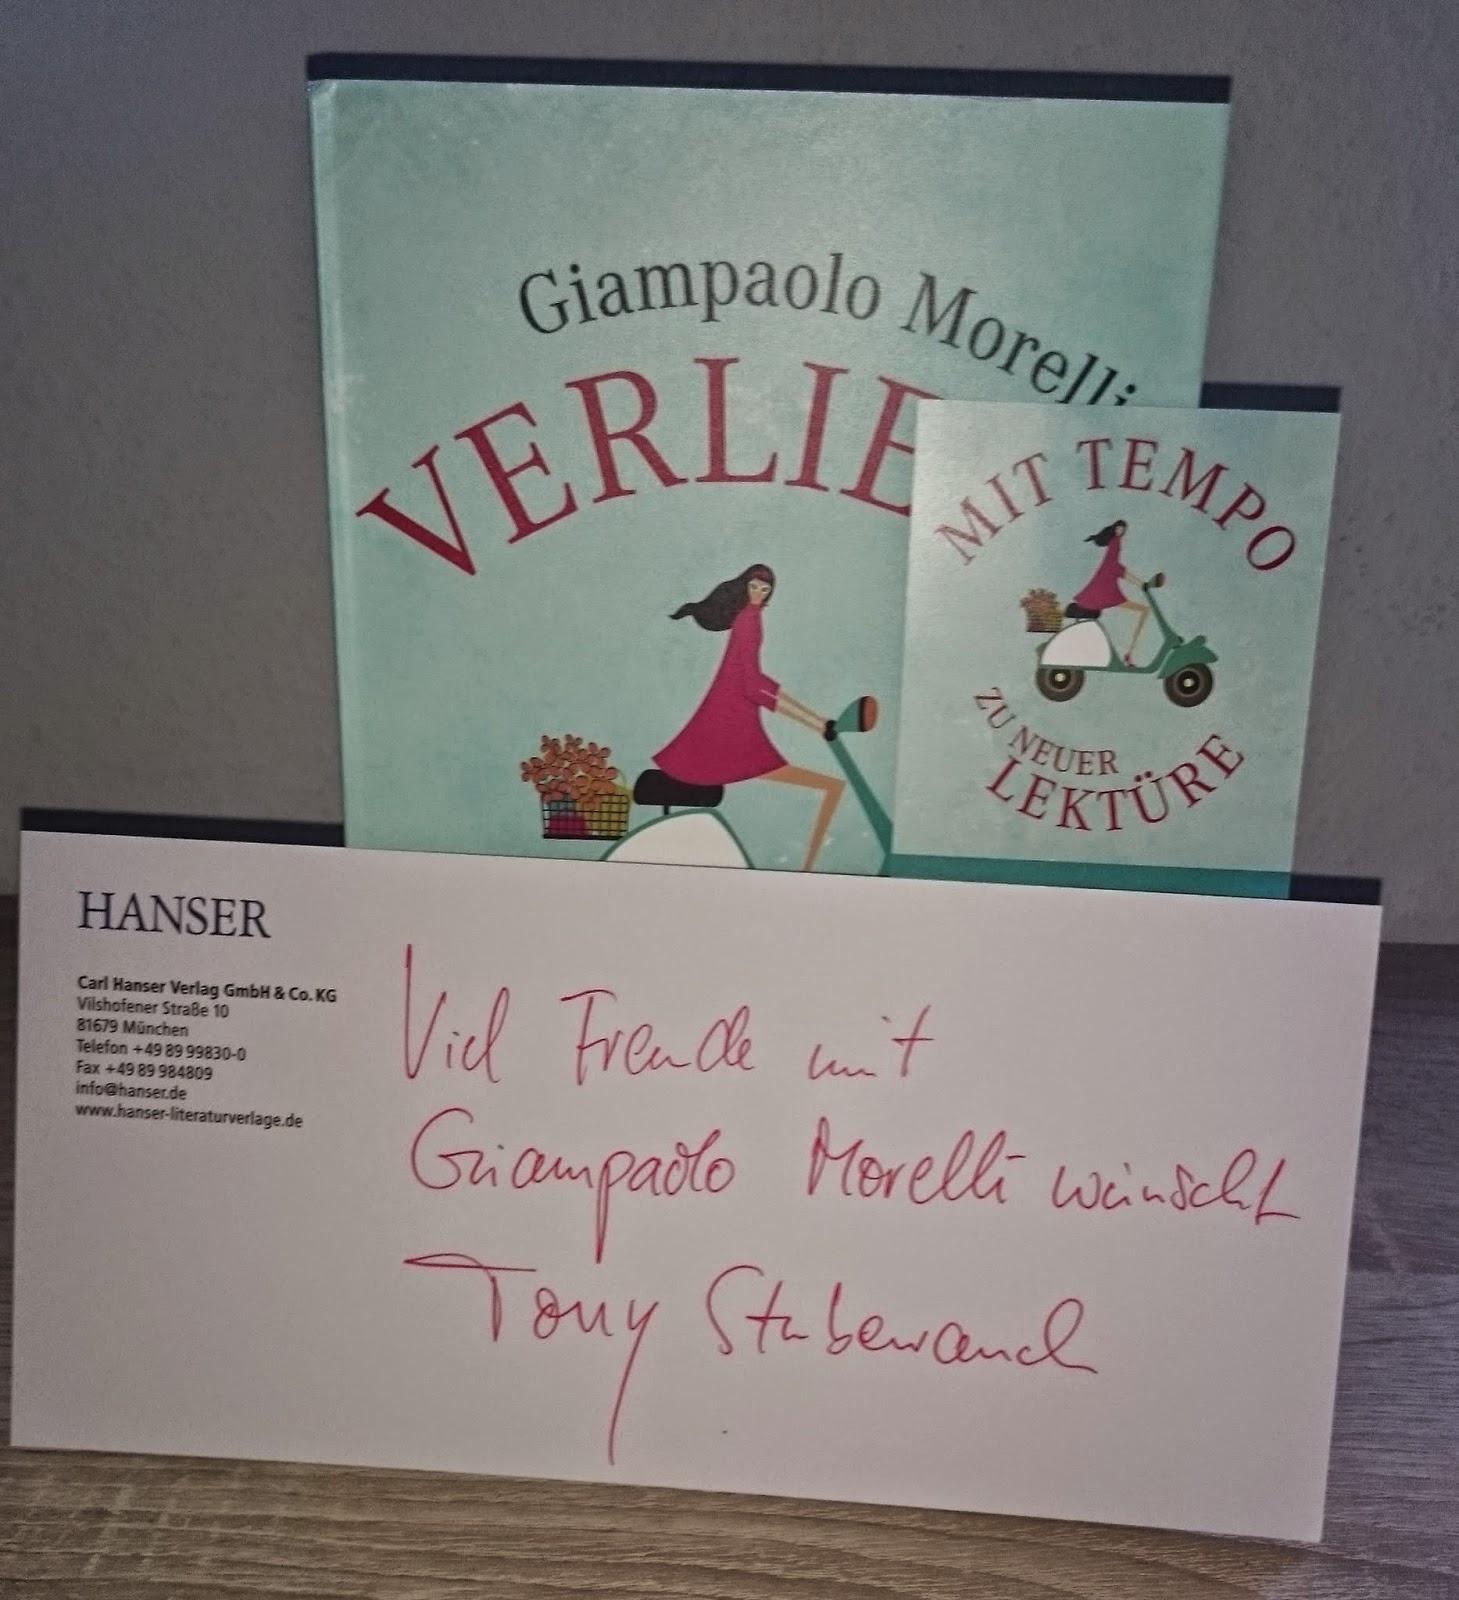 Giampaolo Morelli - Verliebt in Sieben Stunden